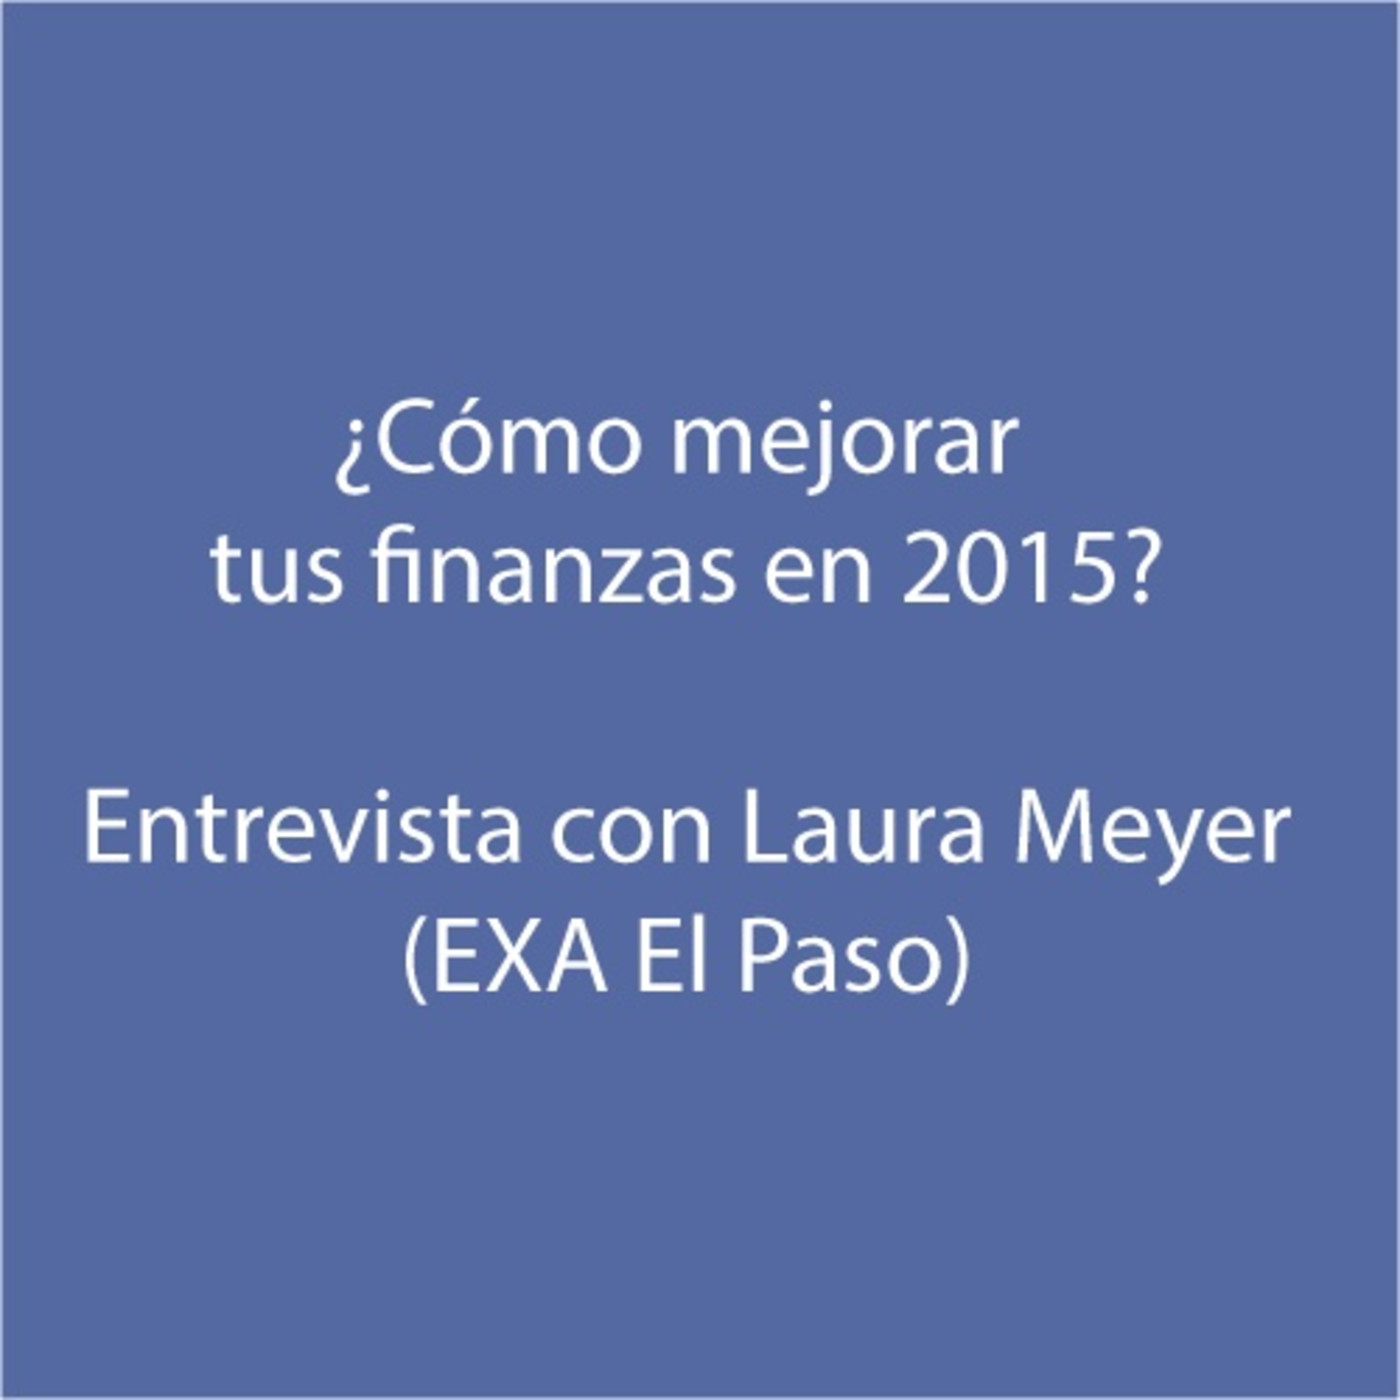 Entrevista Con Laura Meyer: Mejora Tus Finanzas En 2015  At EXA FM